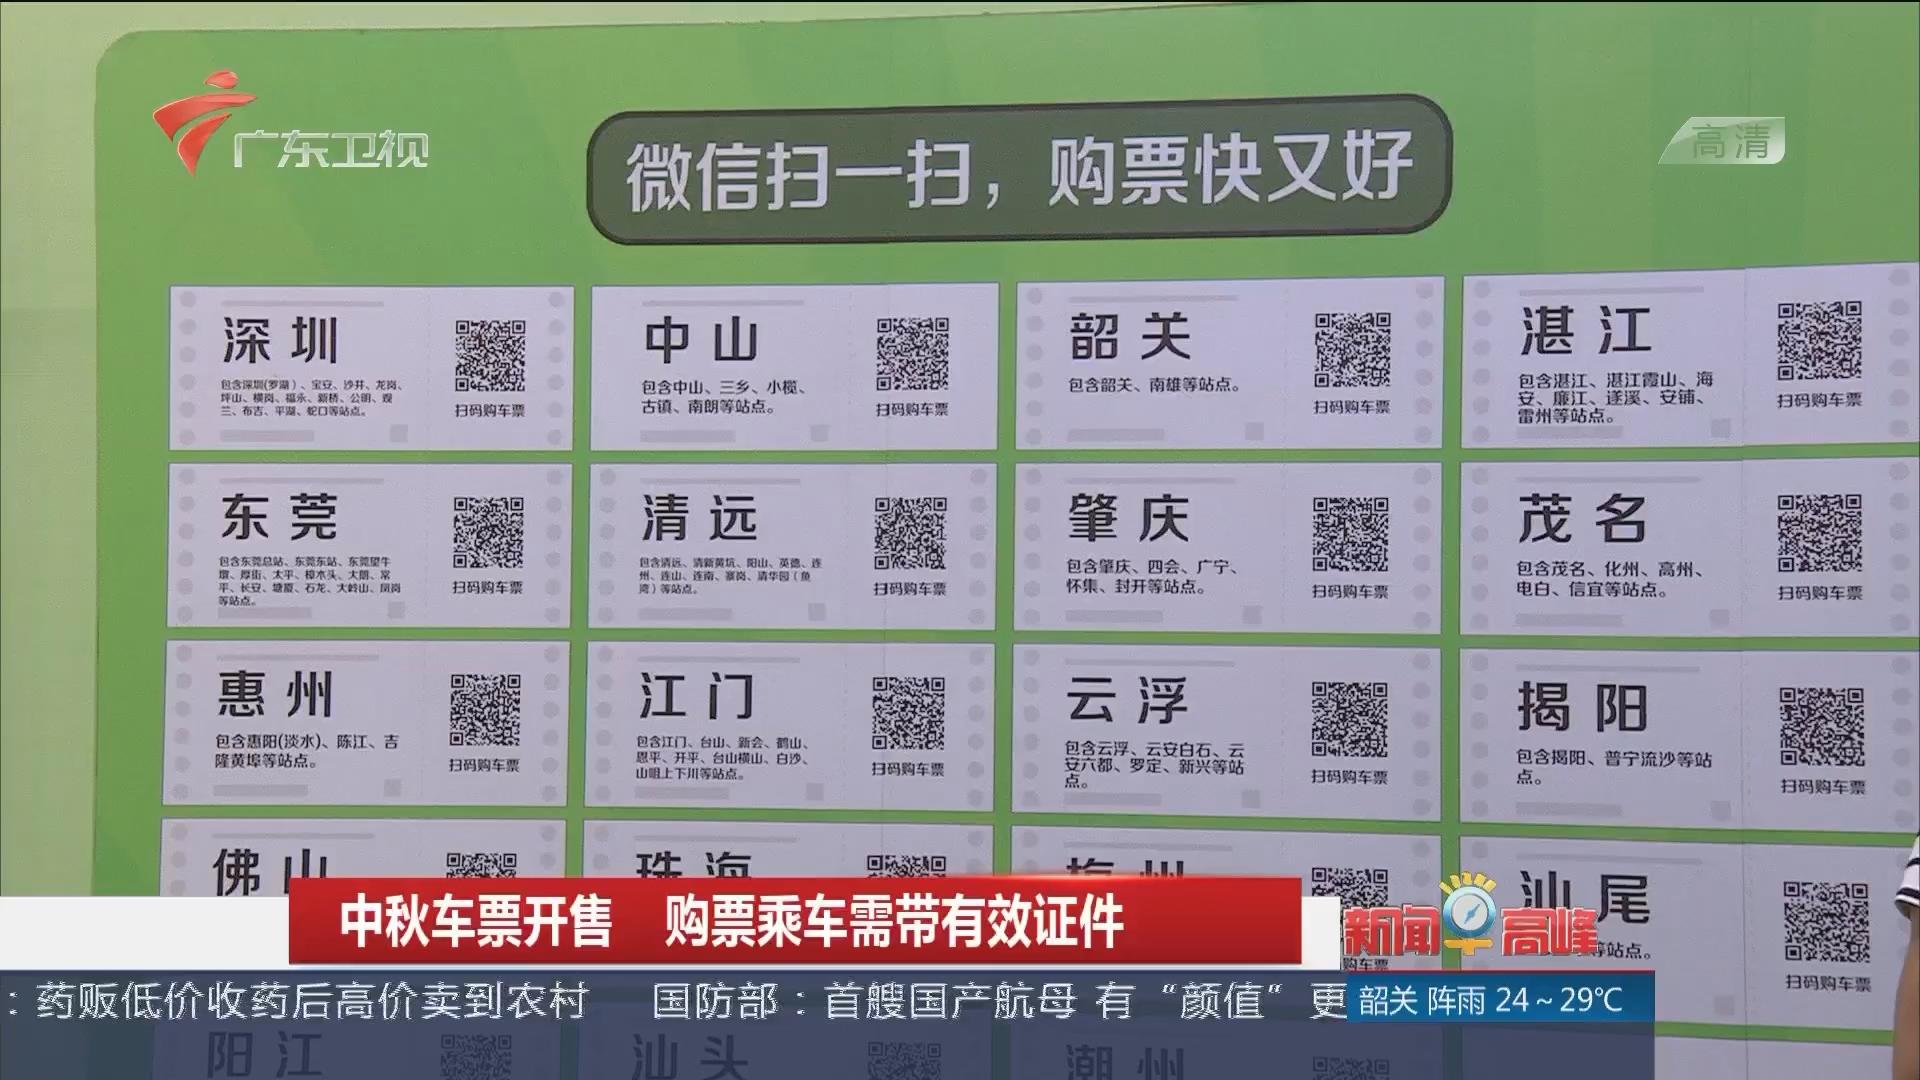 中秋车票开售 购票乘车需带有效证件